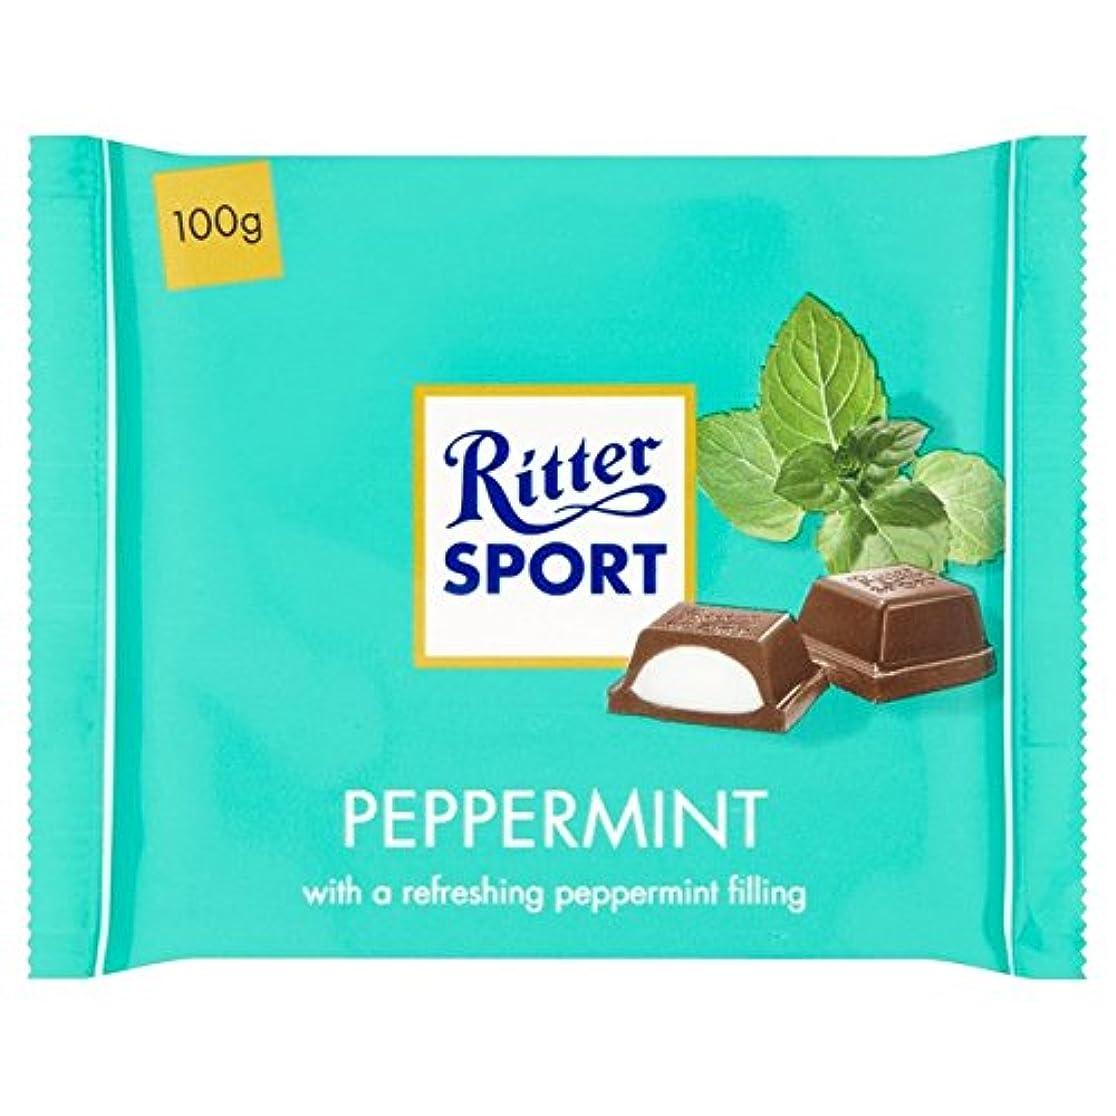 義務づける調和ファントムリッタースポーツのペパーミントダークチョコレート100グラム (x 2) - Ritter Sport Peppermint Dark Chocolate 100g (Pack of 2) [並行輸入品]